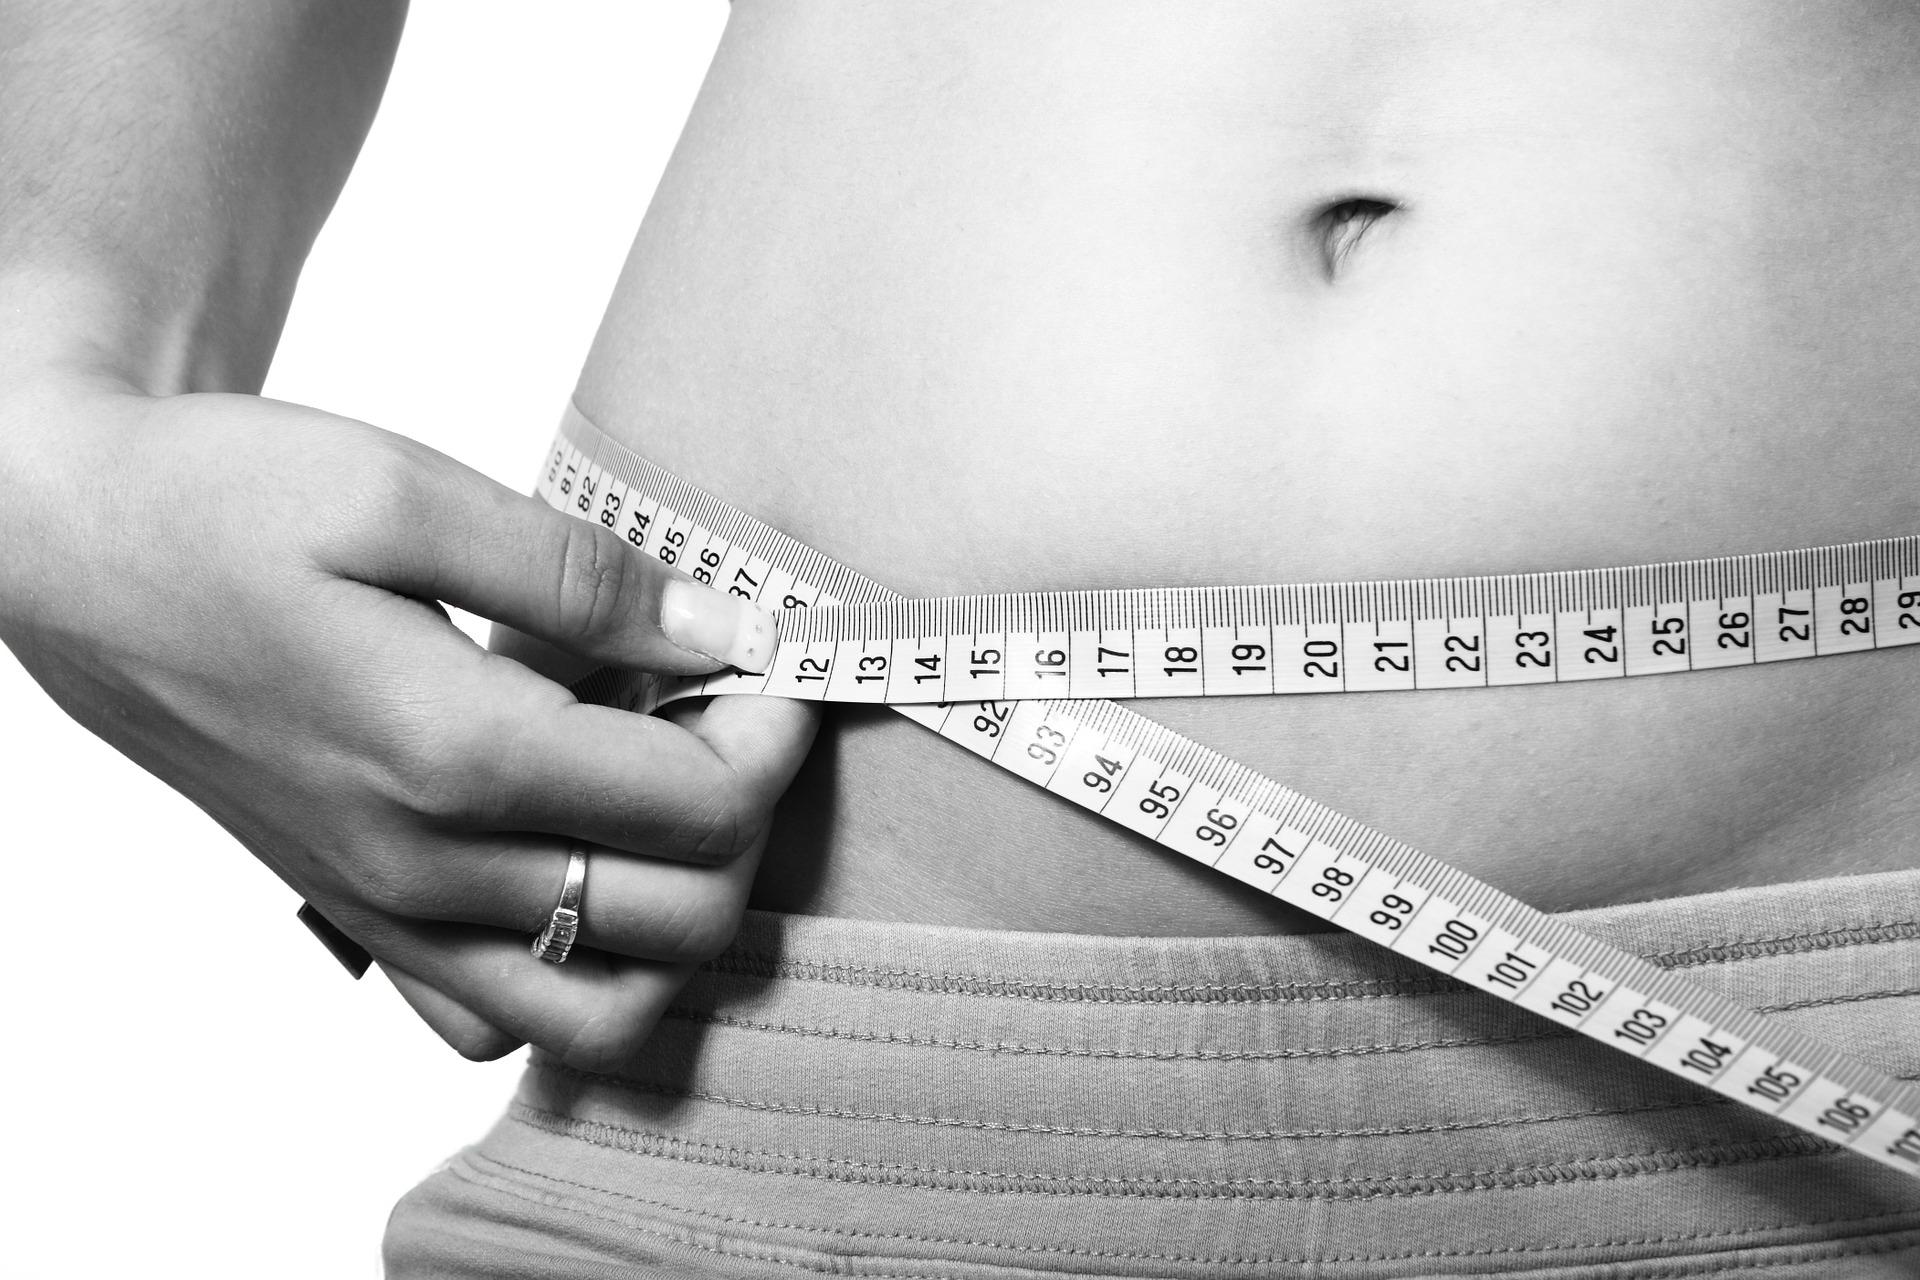 痩せるメカニズムを知ろう!ダイエットの基本を解説します。